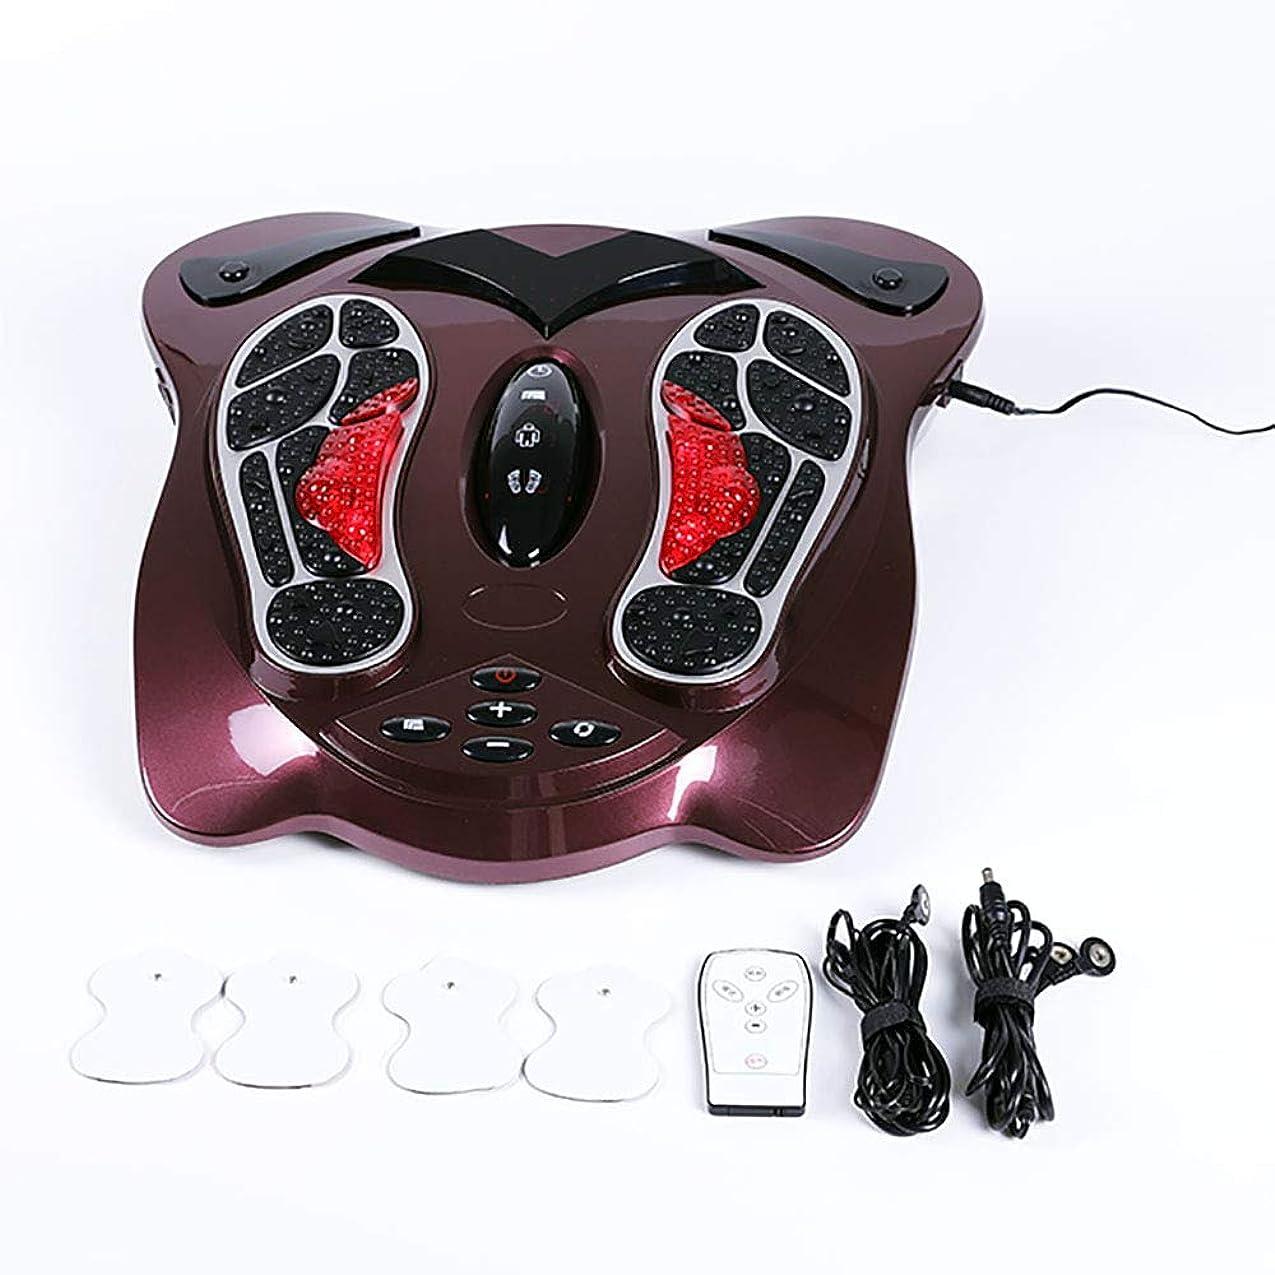 道徳教育移行赤外線足マッサージ機EMS電気筋肉刺激装置電気マッサージ療法リラックス治療装置用ふくらはぎ脚血循環と足底筋膜炎